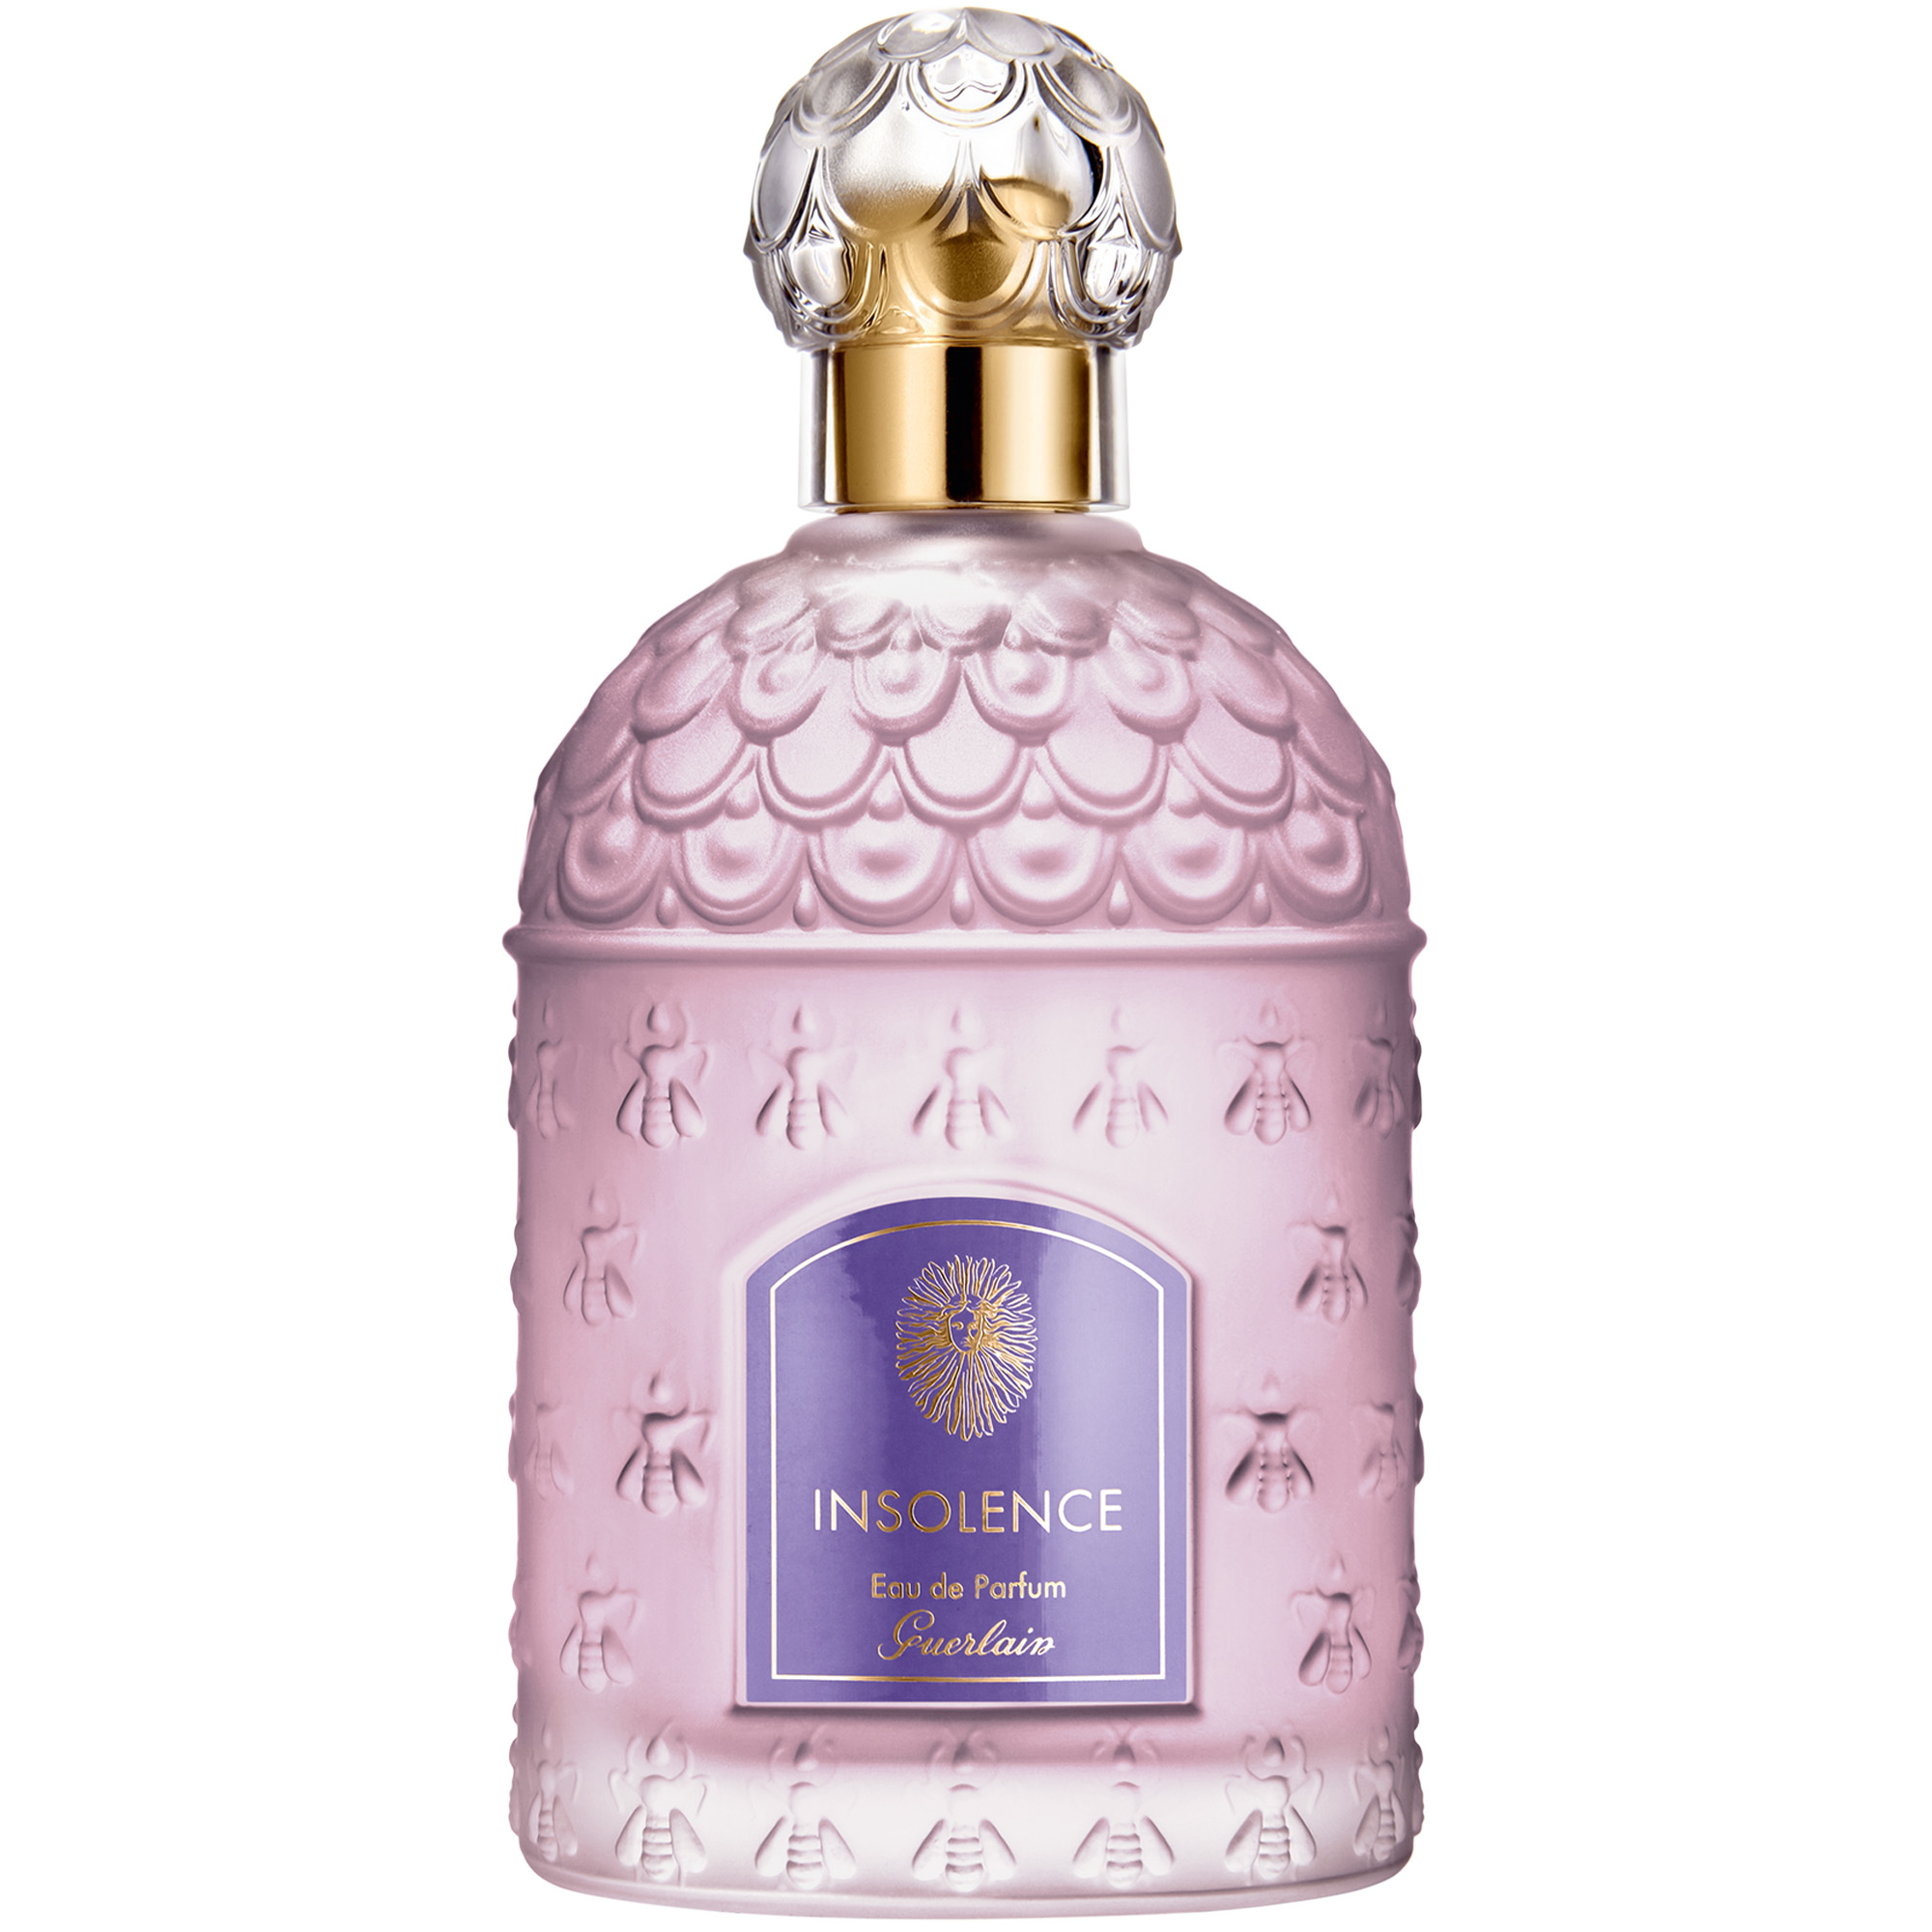 parfum insolence guerlain